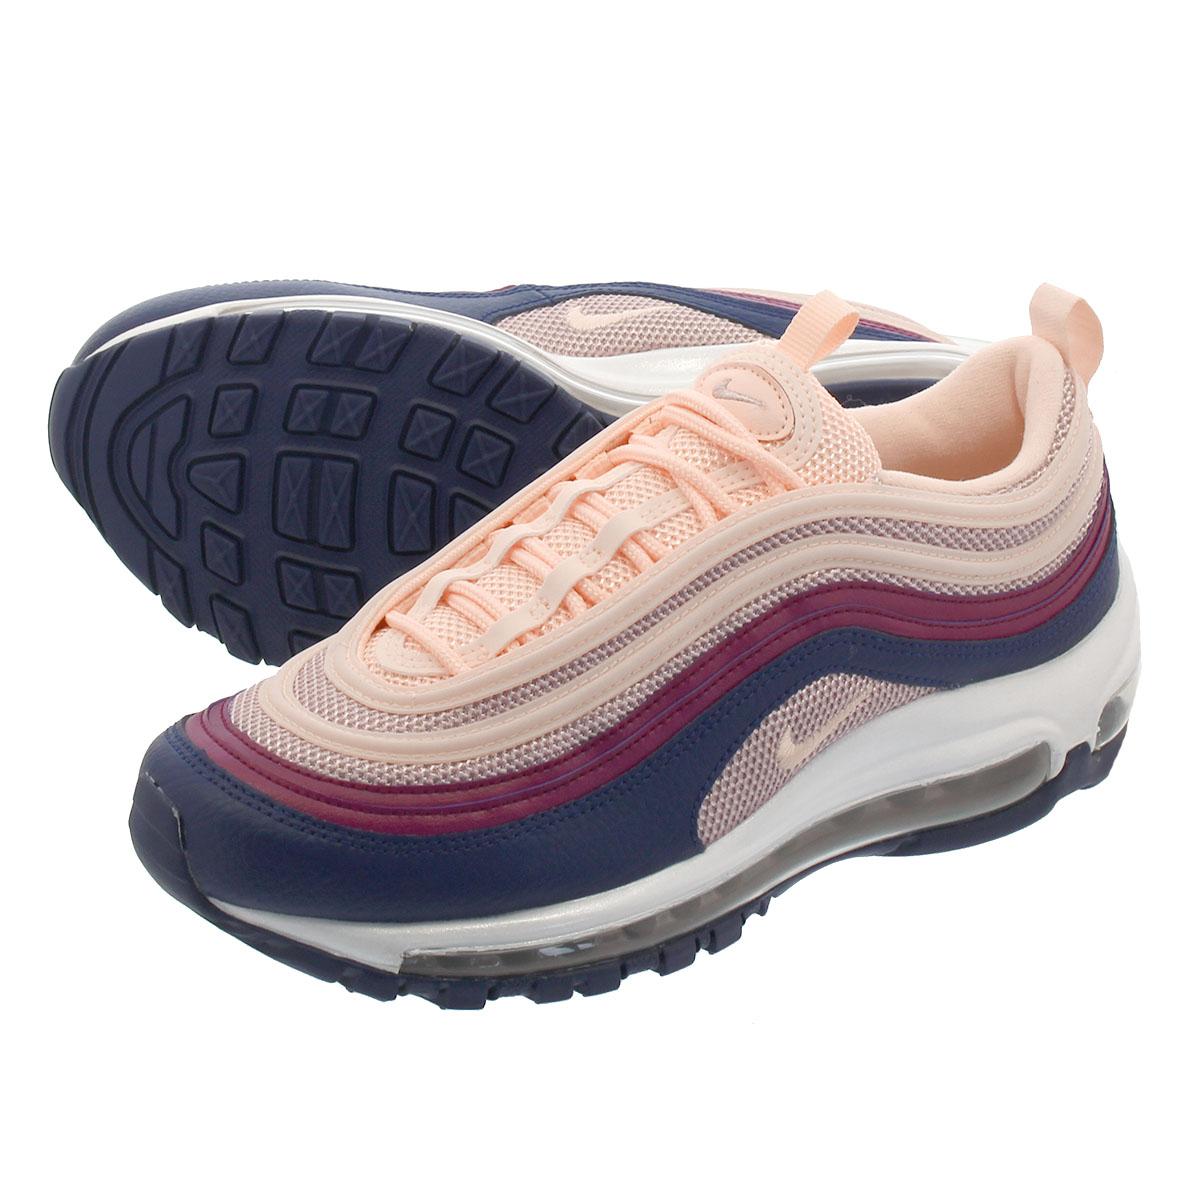 Nike Womens Air Max 97 Crimson Tint 921733 802